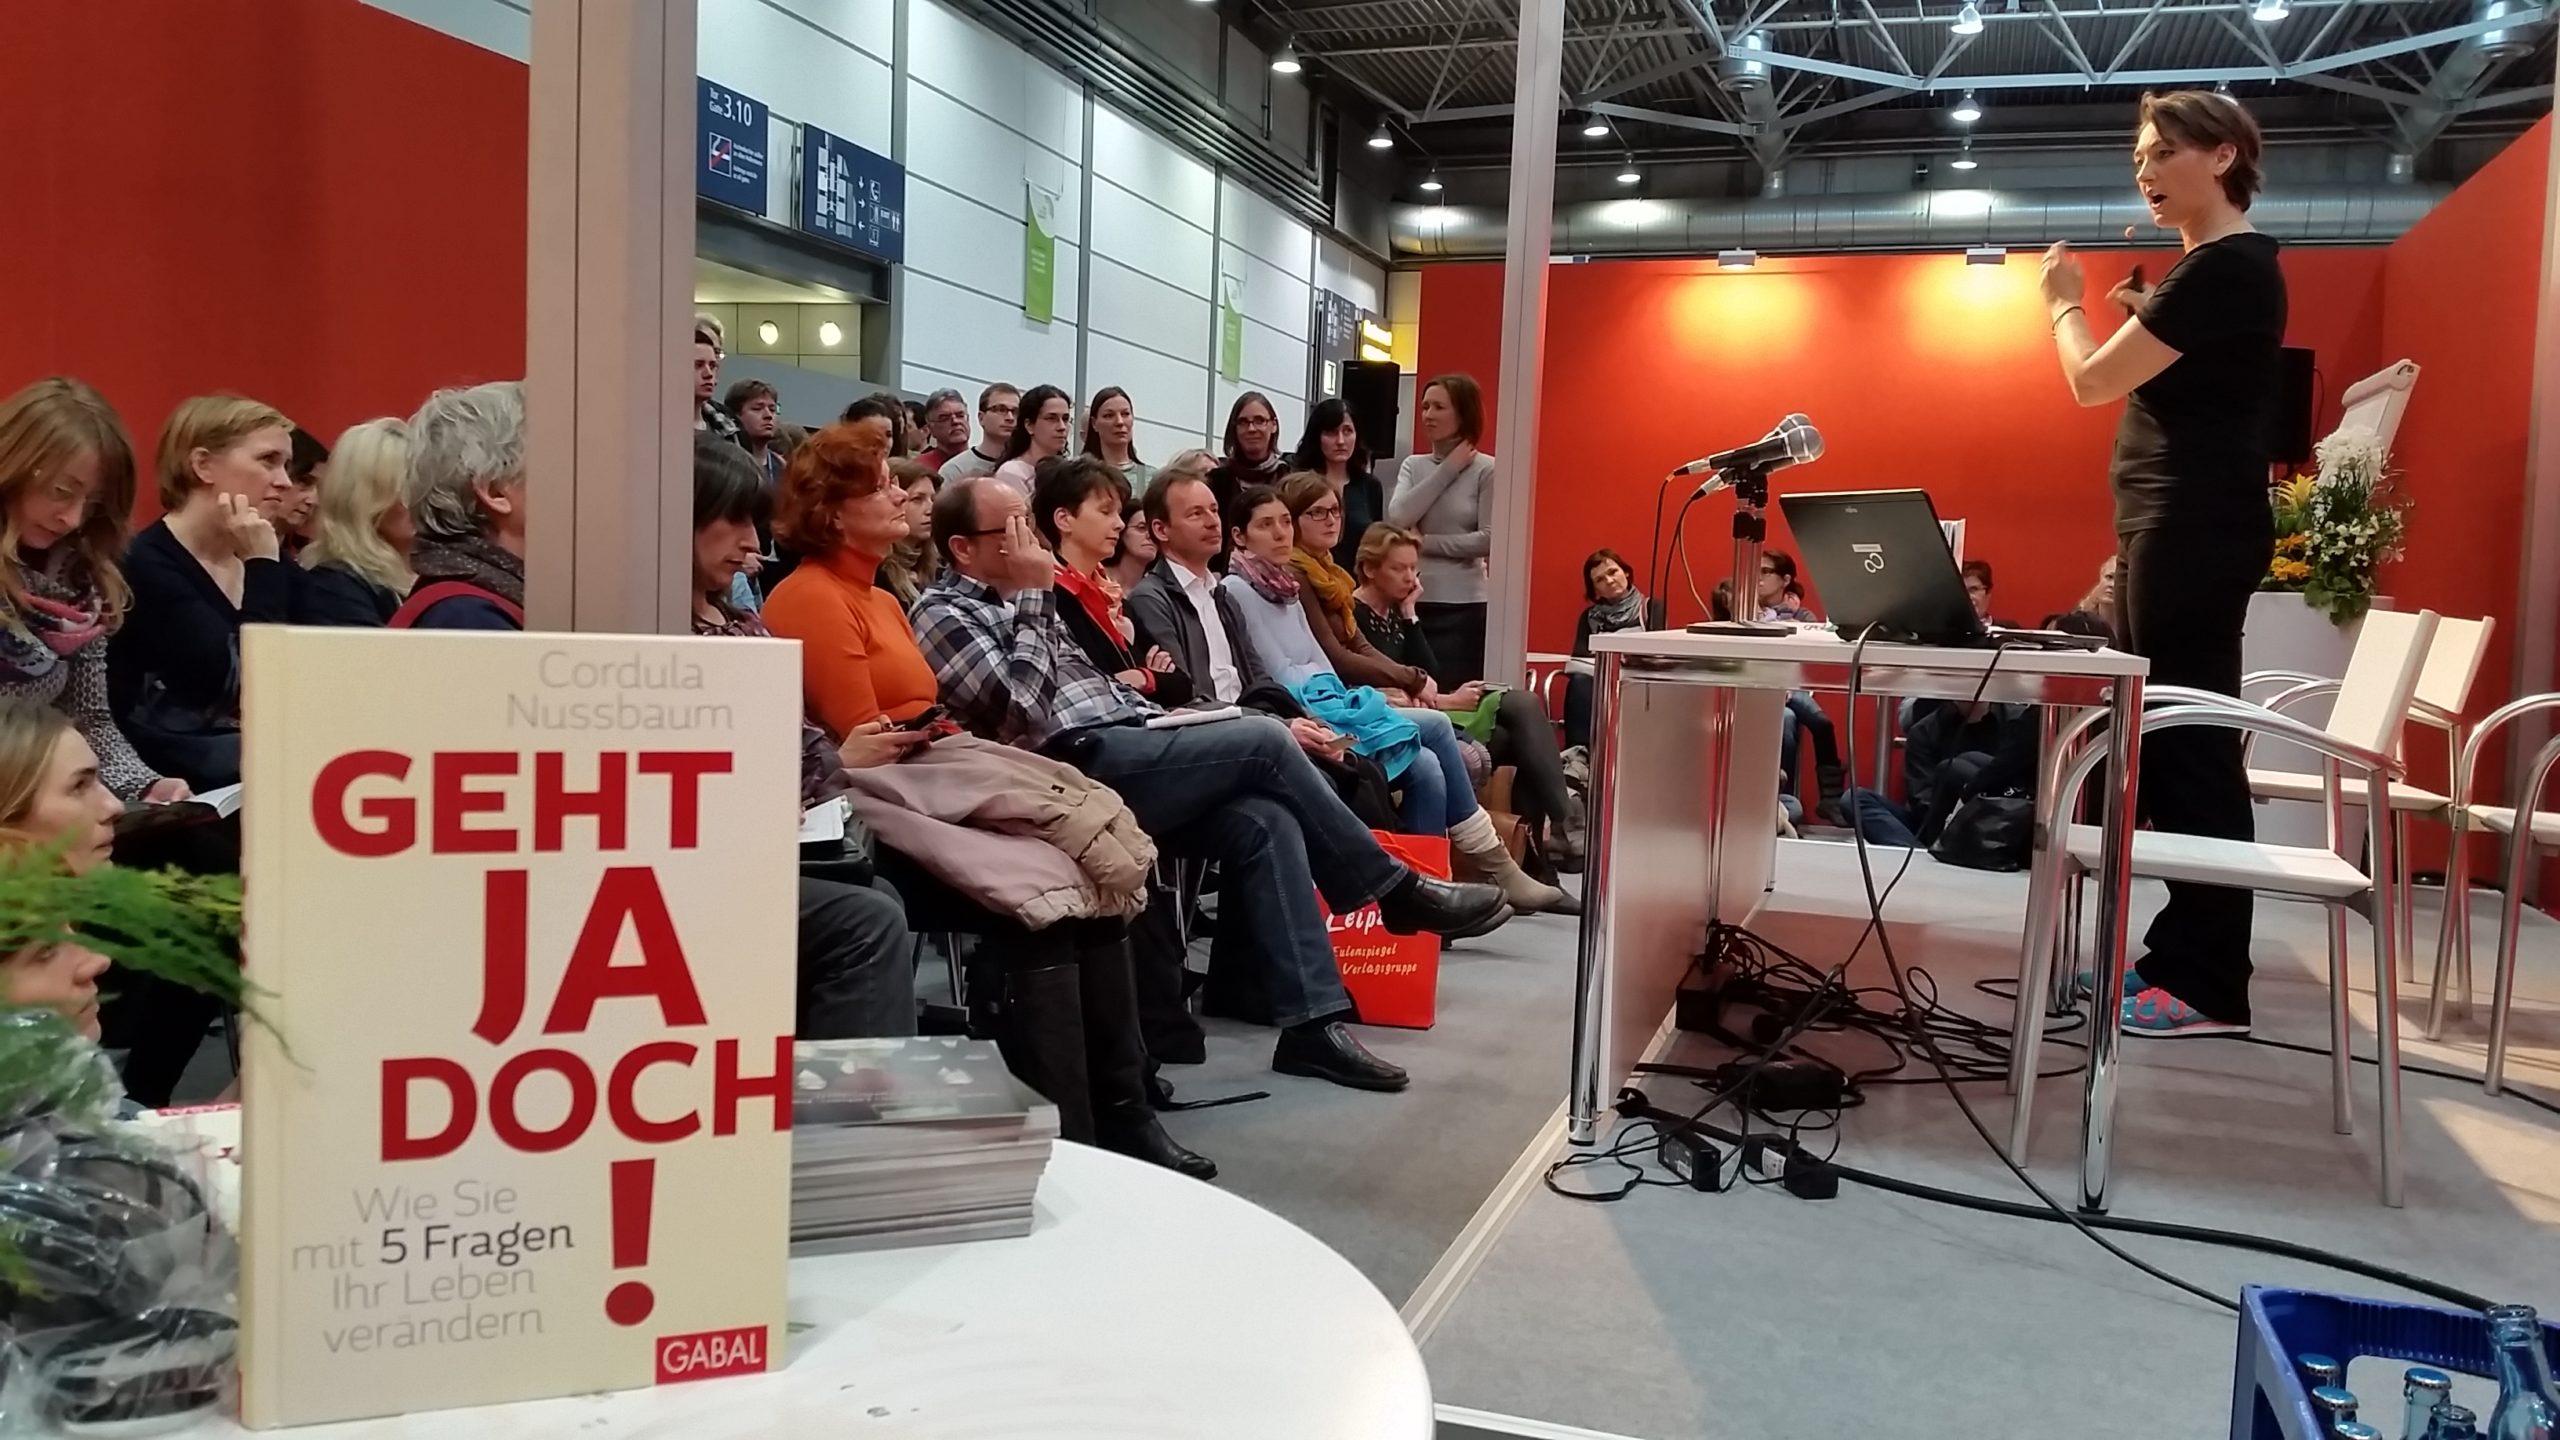 """Der Bestseller und Longsellertitel """"Geht ja doch!"""" war Aufsteiger-Titel des Jahres 2015."""